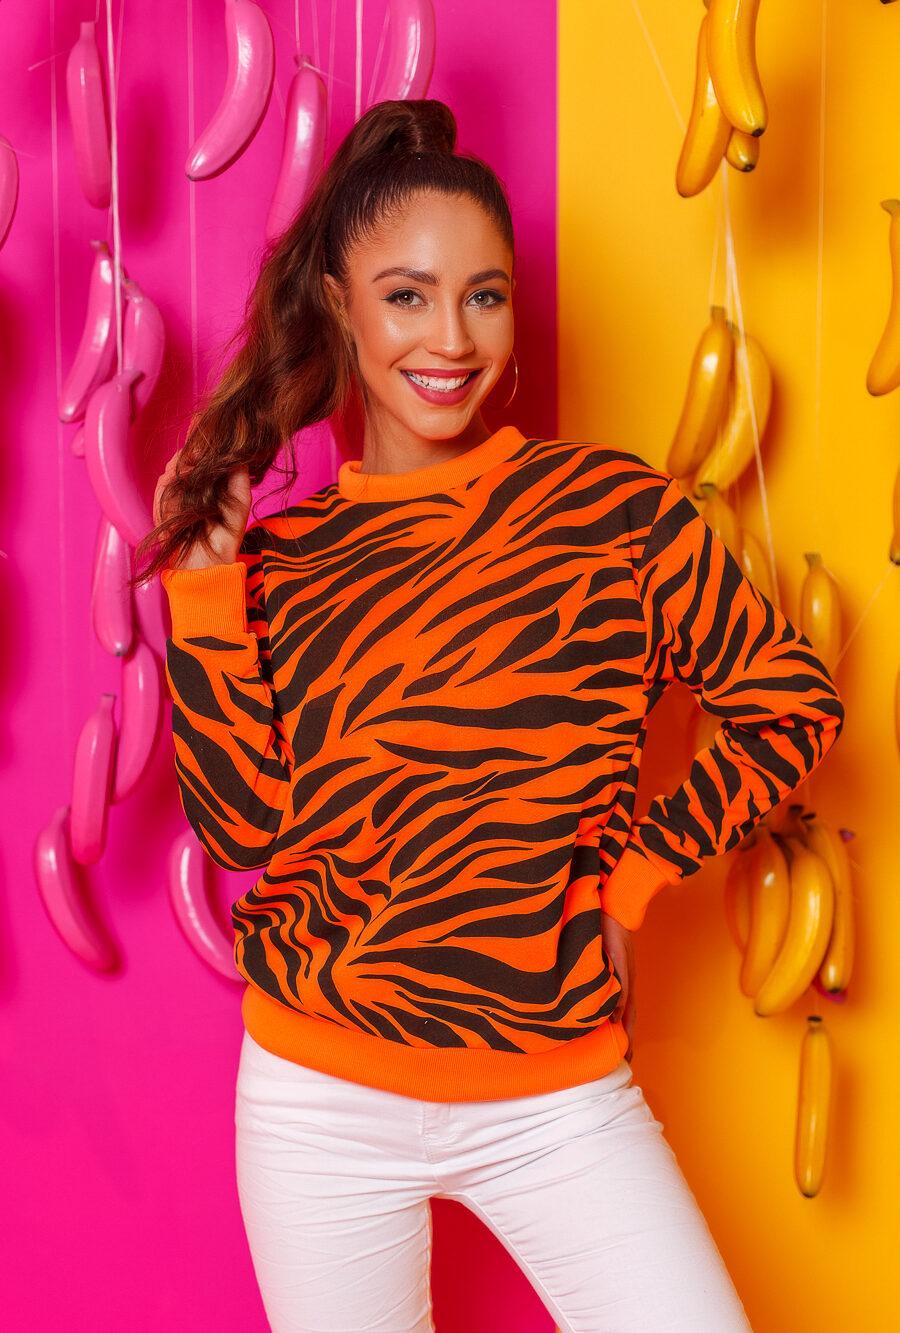 bluza damska tygrys zebra bez kaptura pomaranczowa (2)